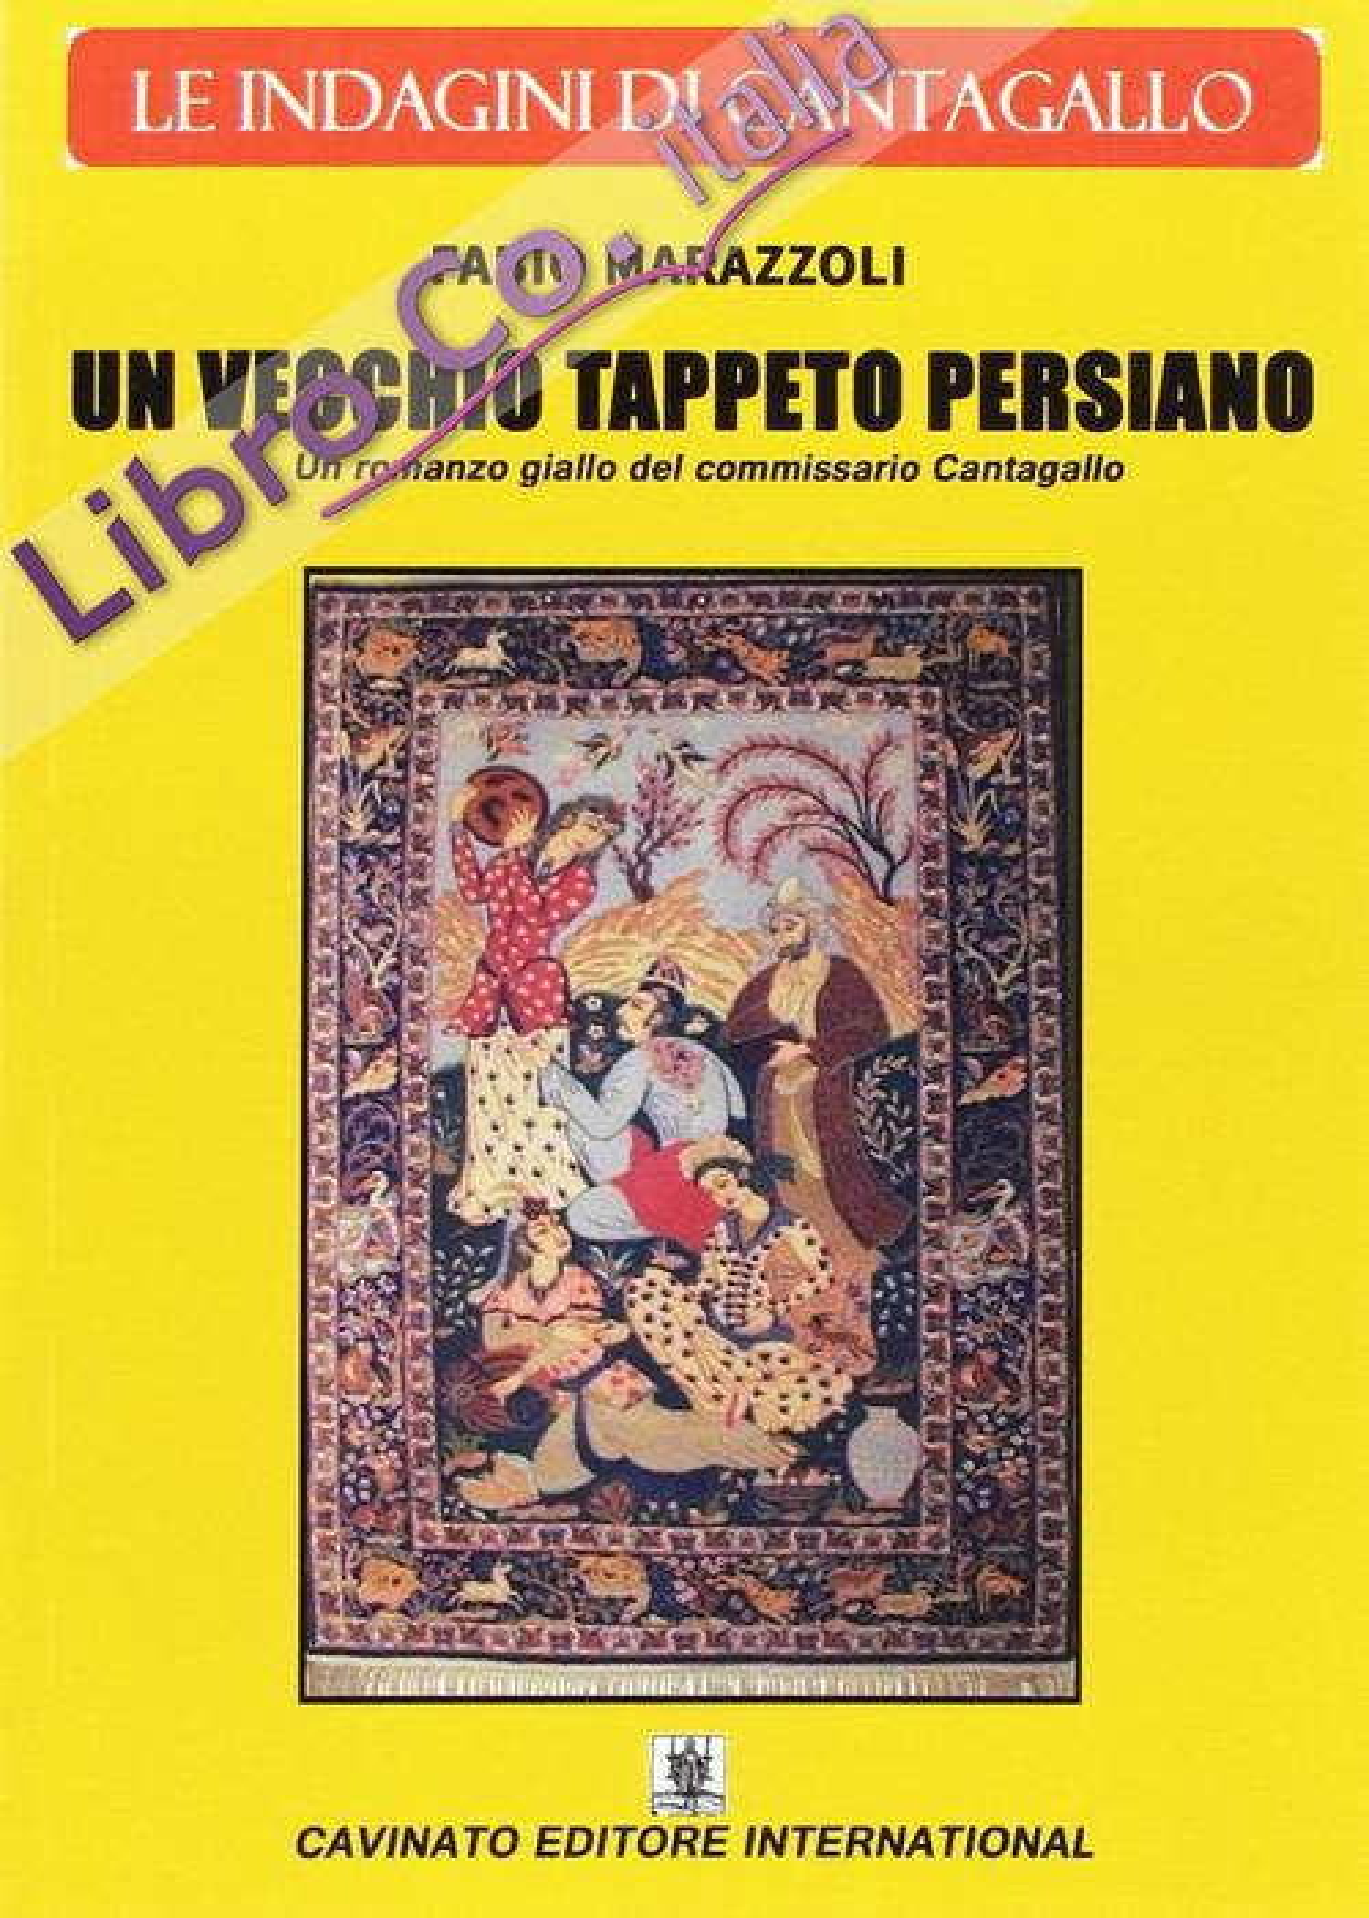 Un vecchio tappeto persiano. Le indagini del commissario Cantagallo.